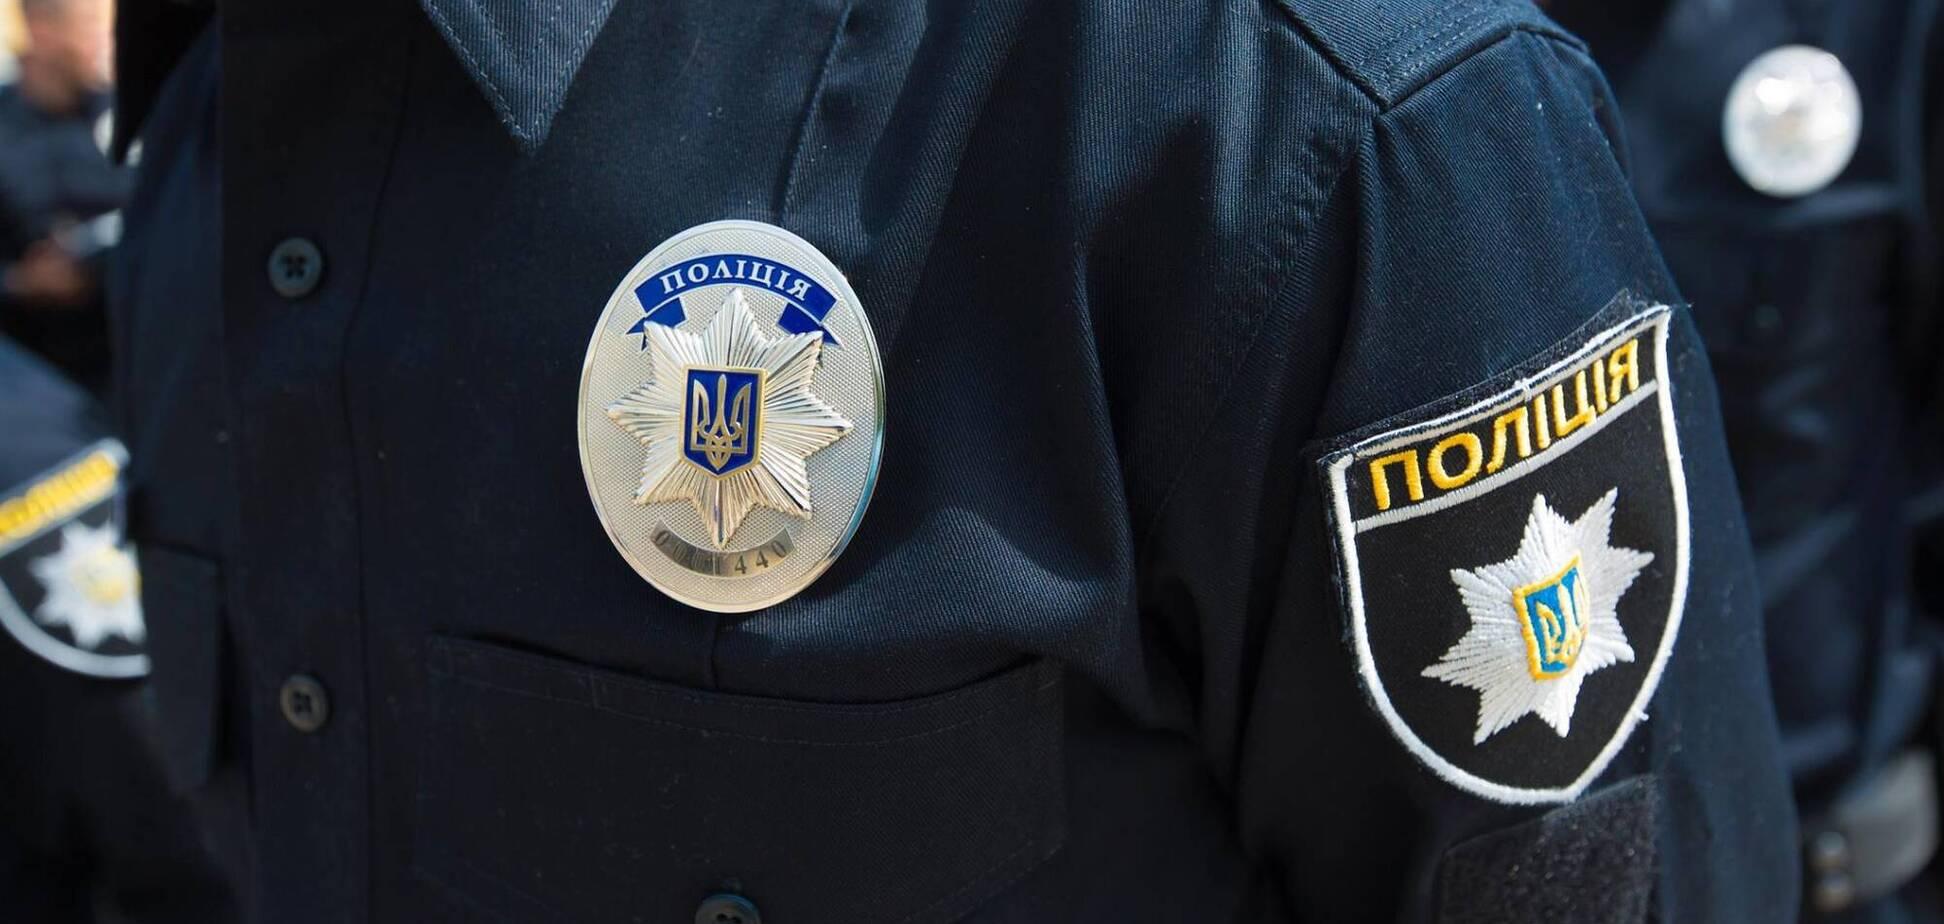 У Дніпрі виявили частини тіла невідомого чоловіка: поліція просить про допомогу. Фото 18+